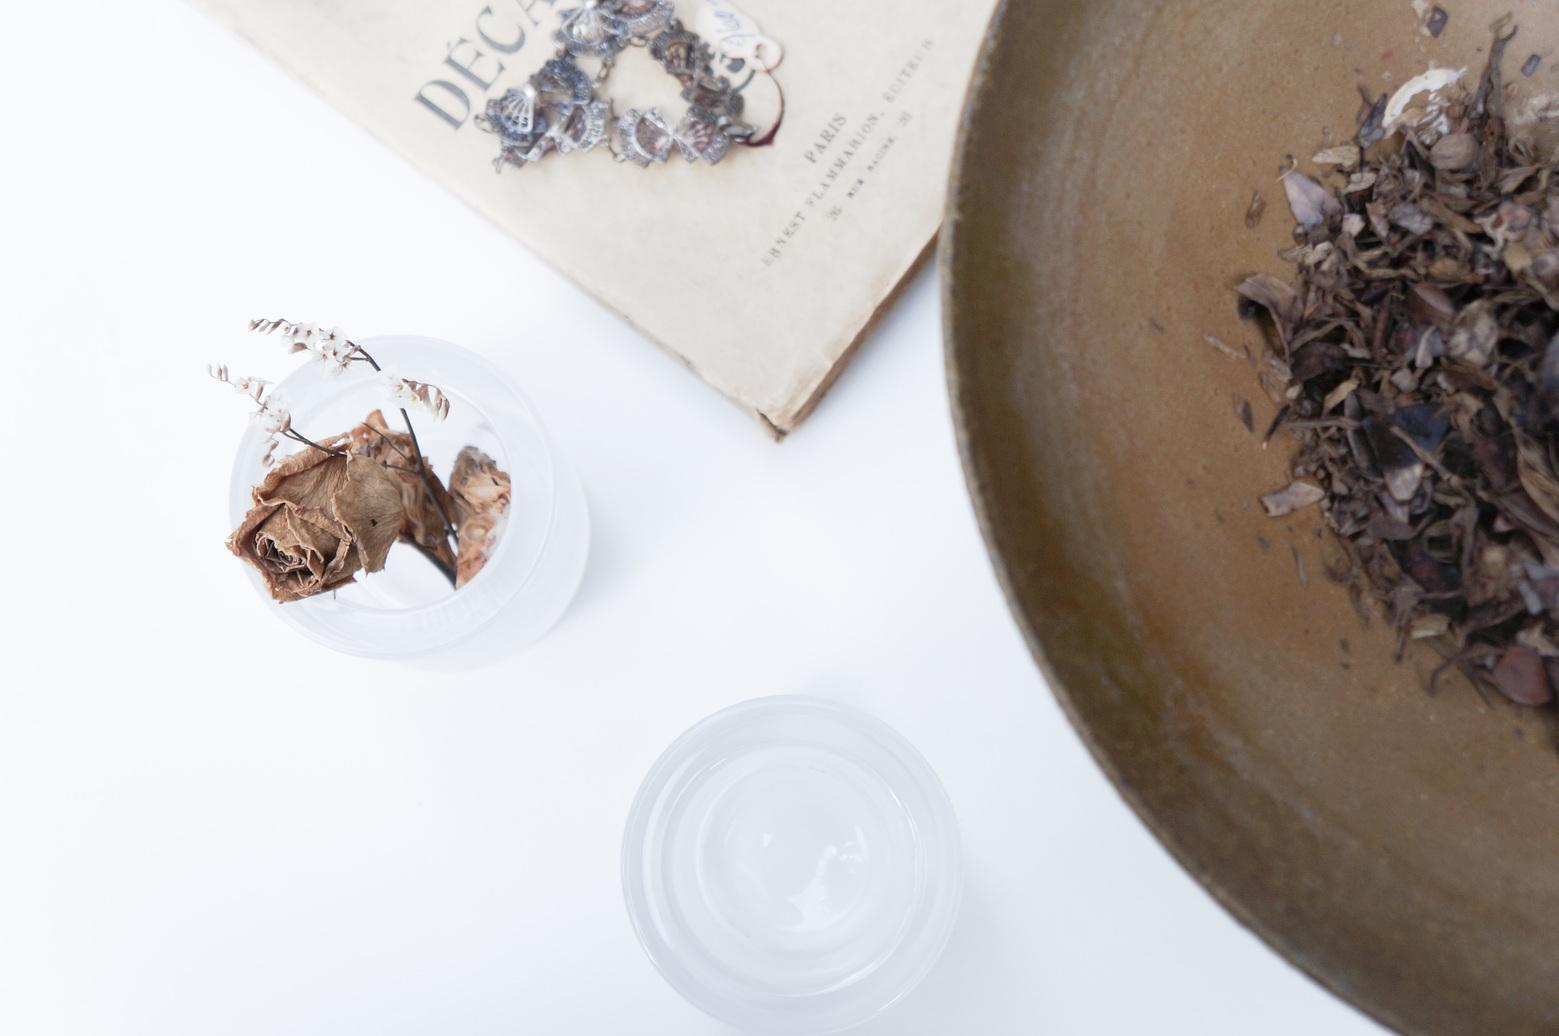 iittala × marimekko Candle Holder Kivi Frost / イッタラ マリメッコ コラボ キャンドル ホルダー キビ フロスト 2